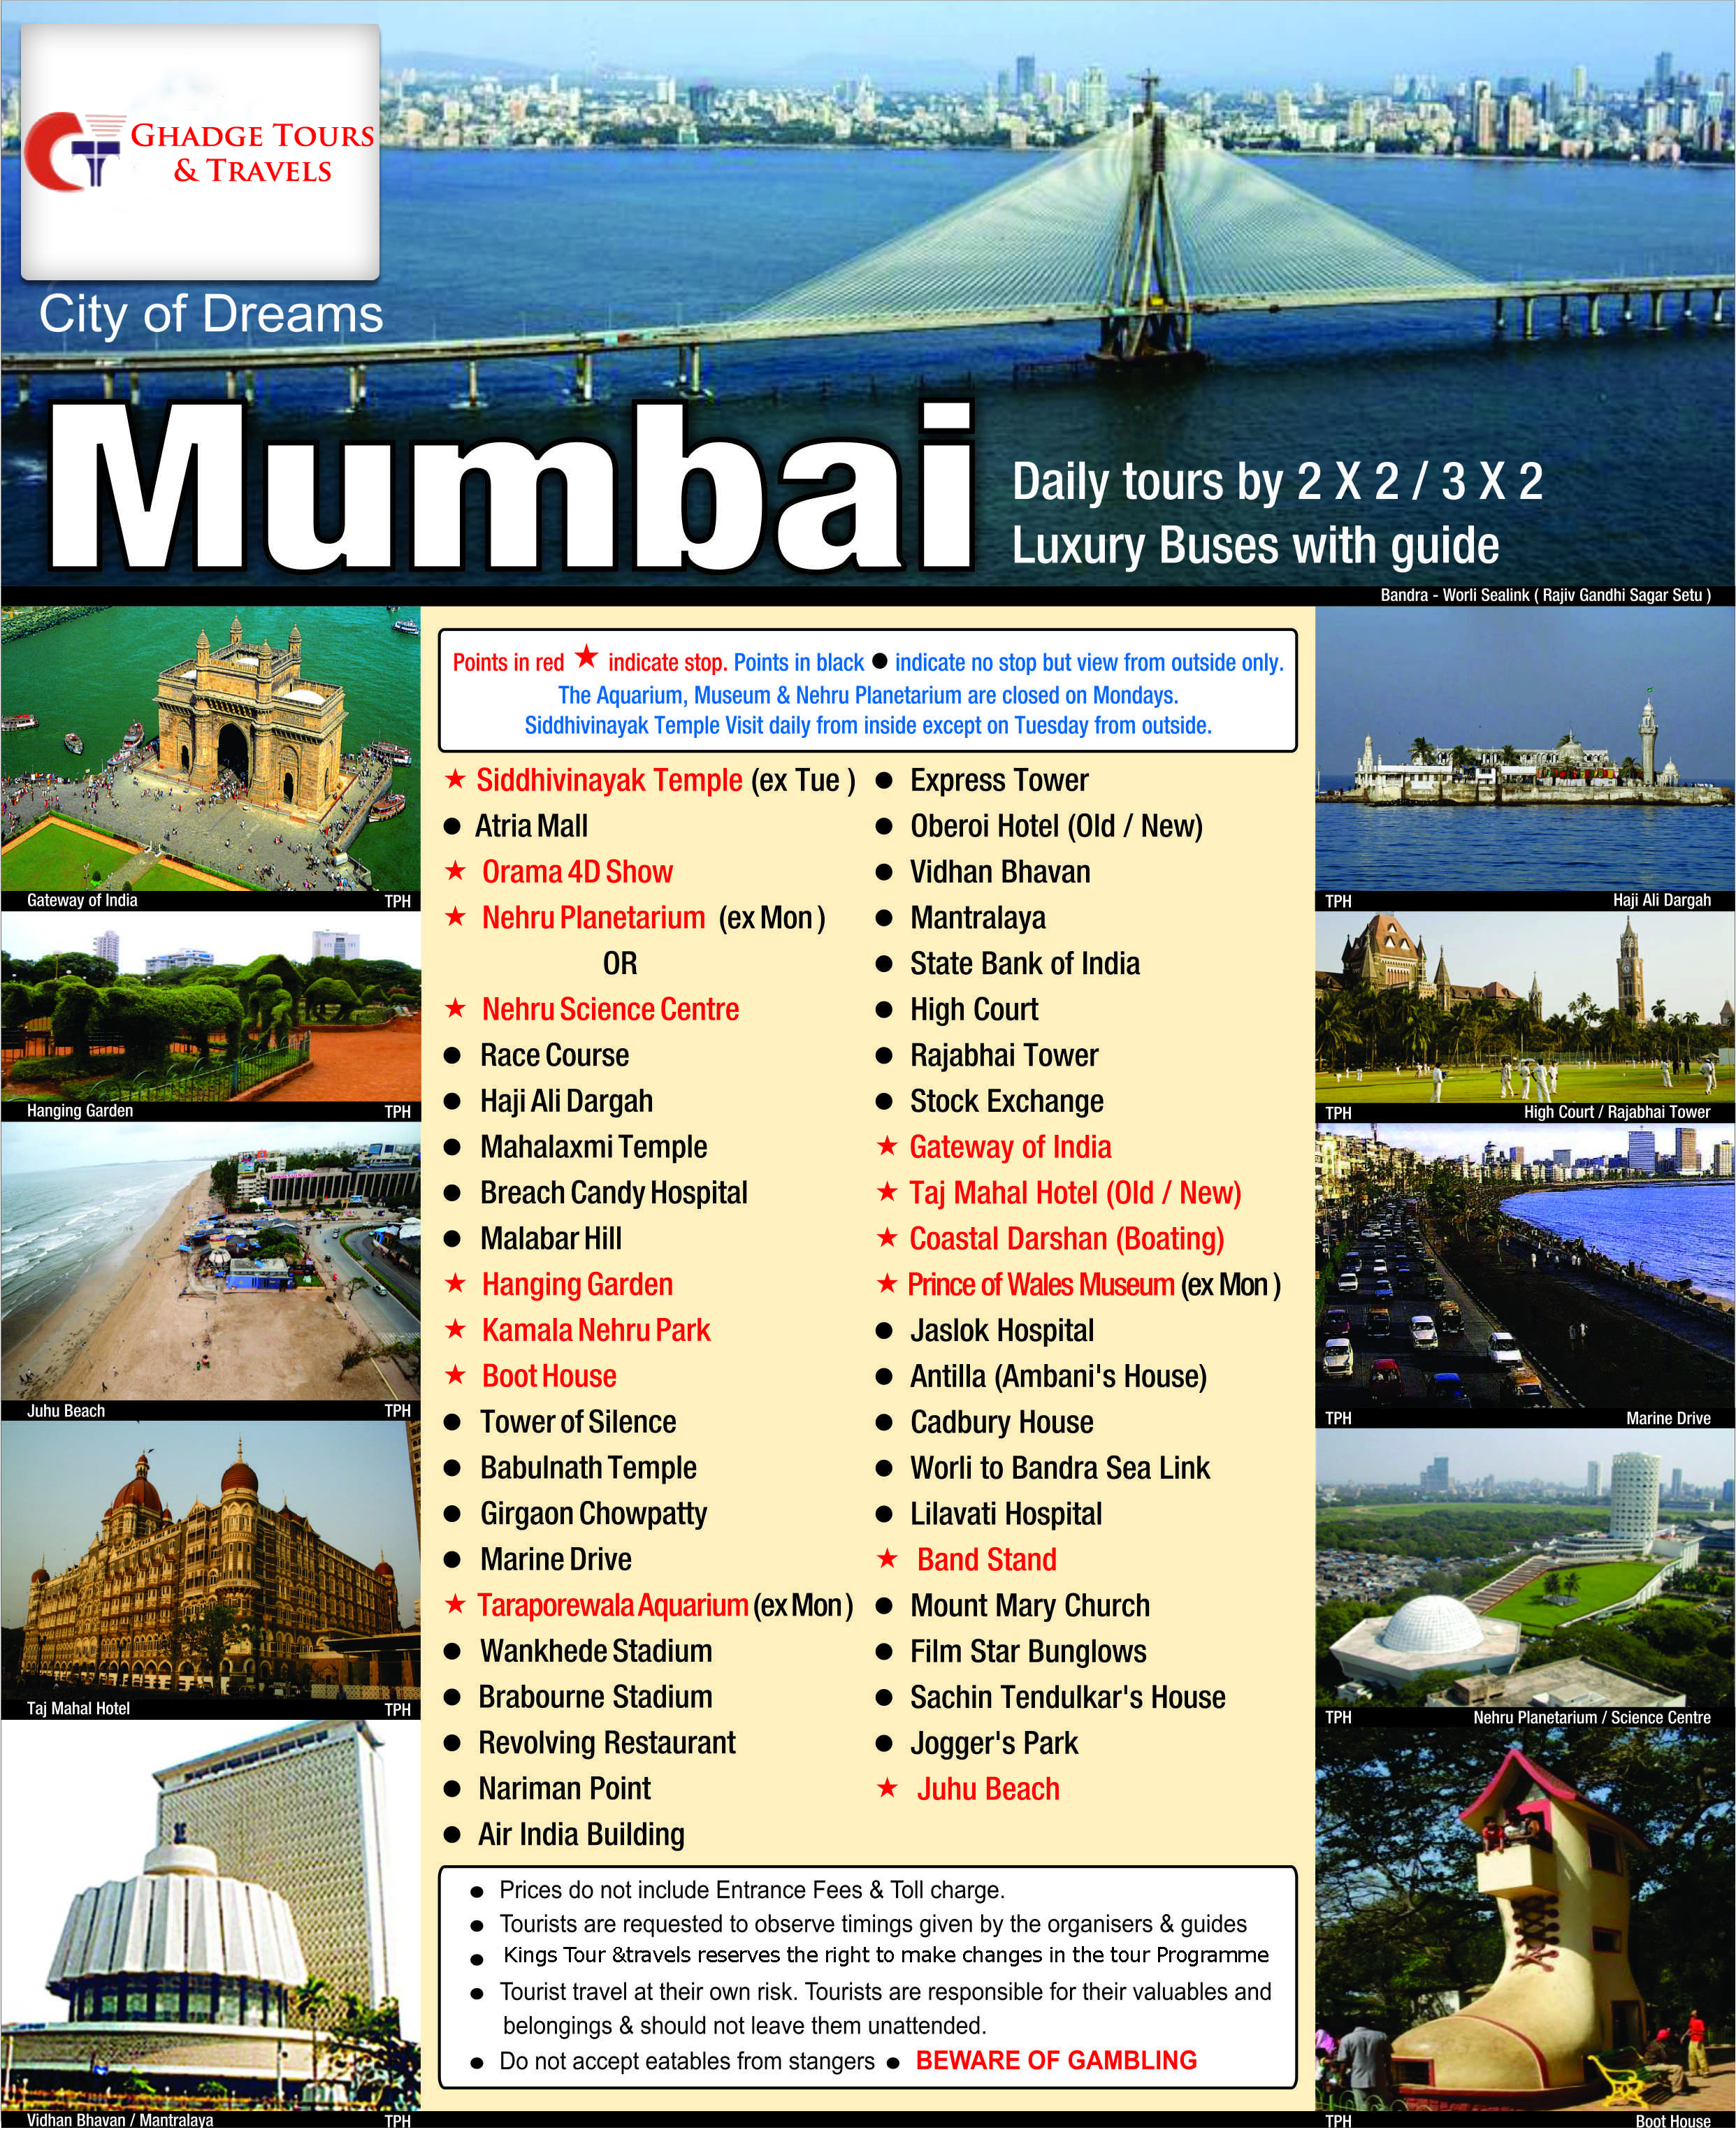 mumbai-darshanghadge